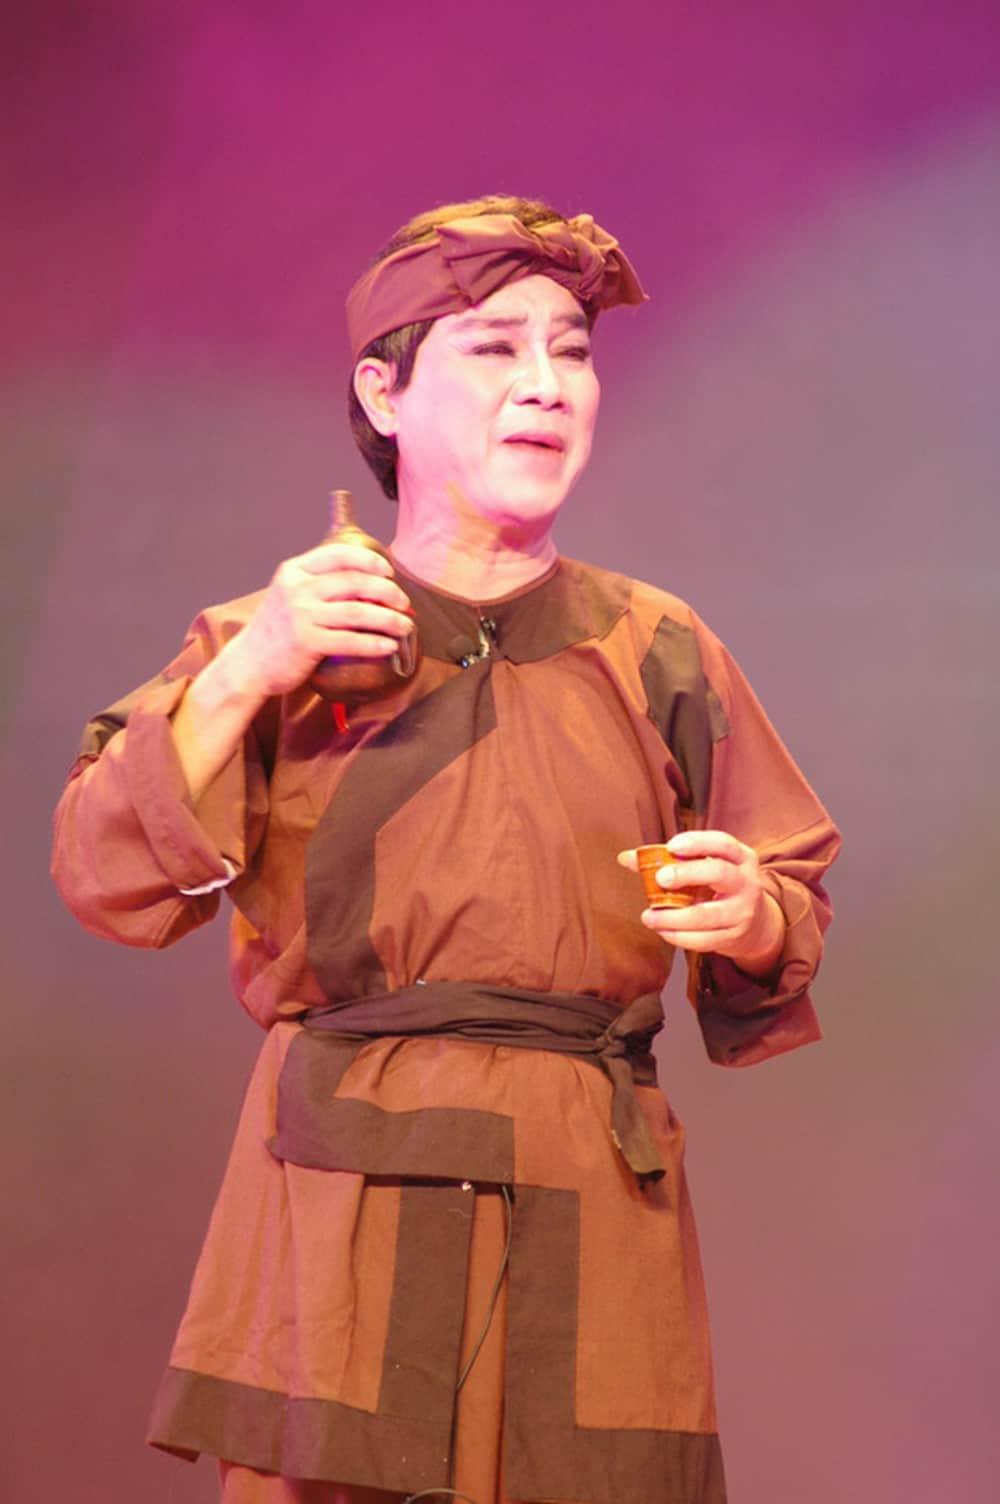 NSƯT Thanh Sang với vai diễn để đời - Trần Minh (vở Bên cầu dệt lụa).